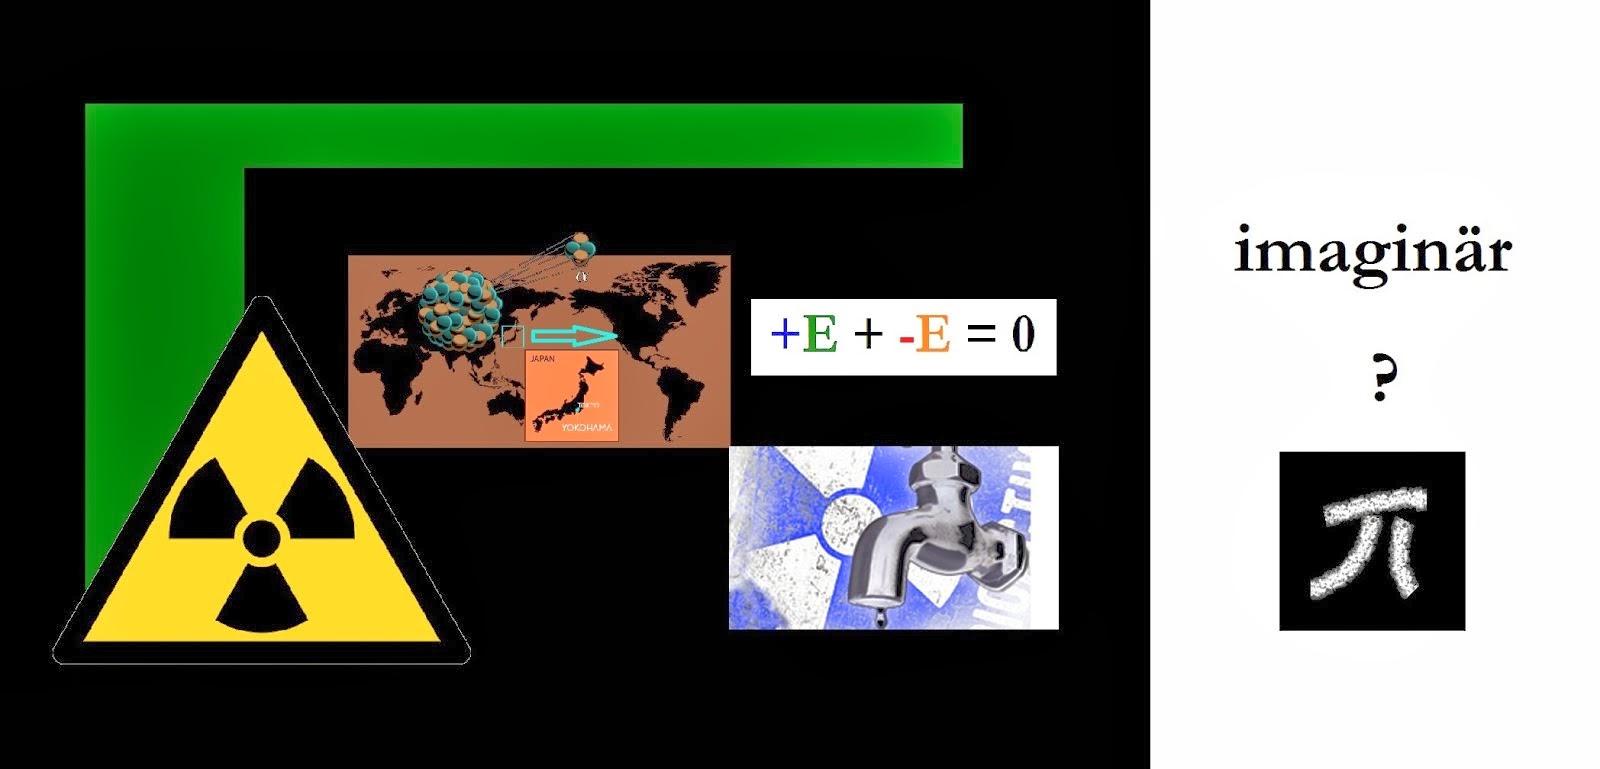 goldFINger wave fukushima solution jp/mv - formula jp 05 tmr piccard funkwellenortung piccard bill